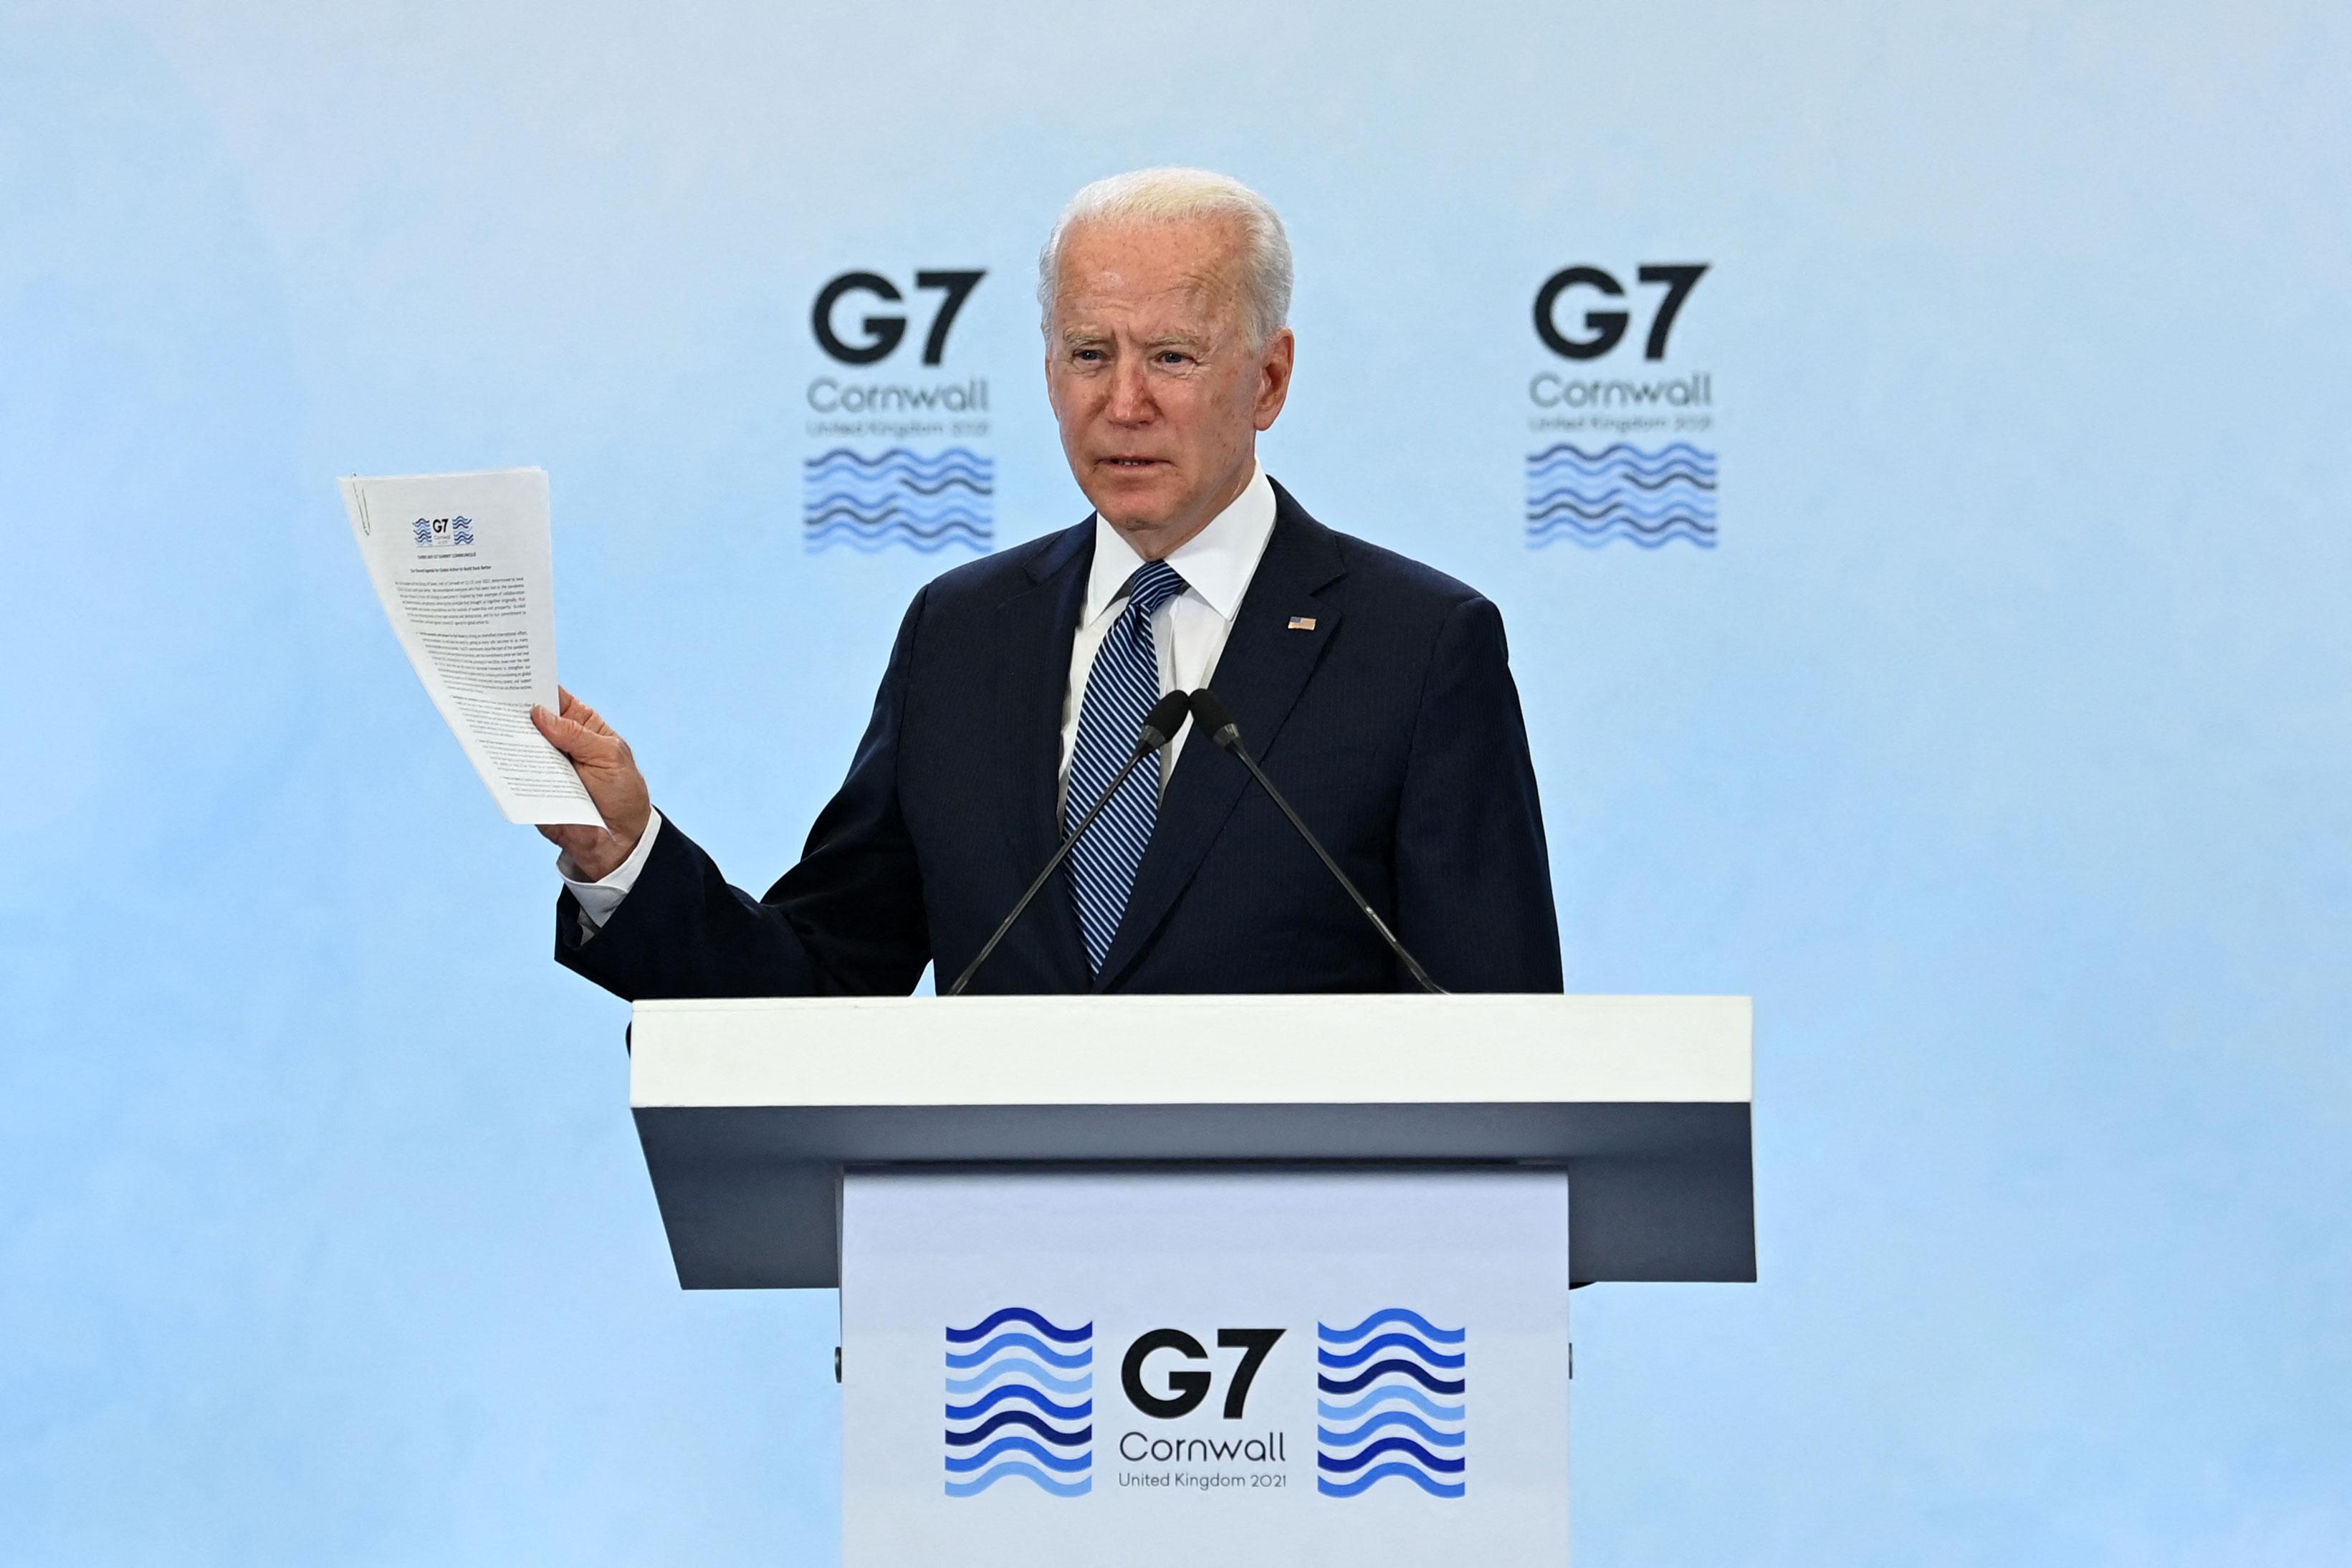 3 takeaways from President Joe Biden's first G7 summit